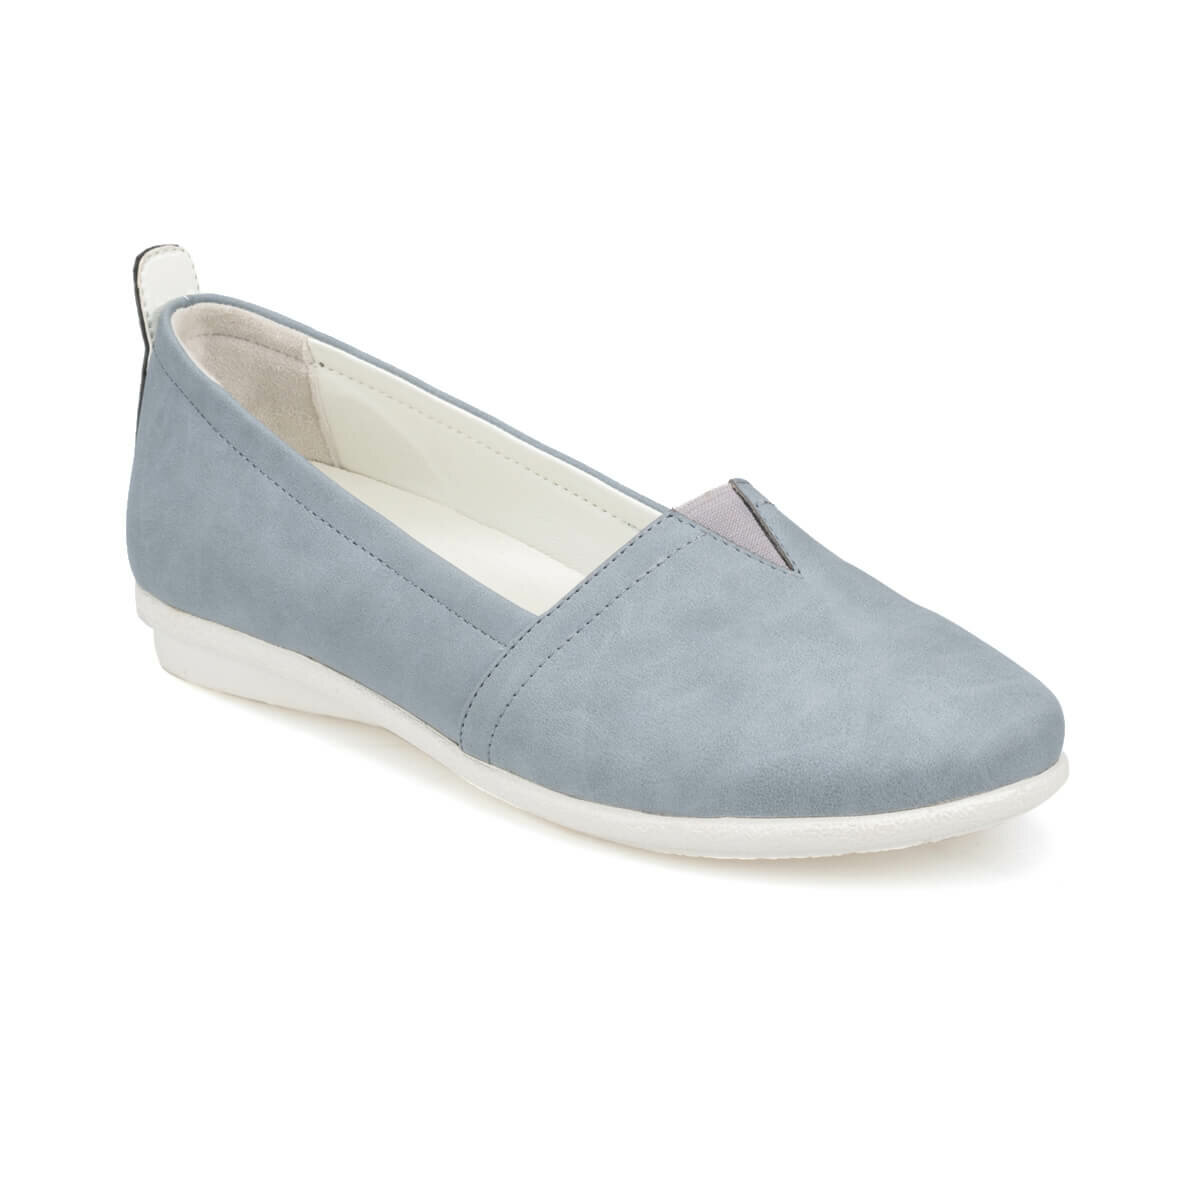 FLO 91.150652.Z Blue Women 'S Shoes Polaris